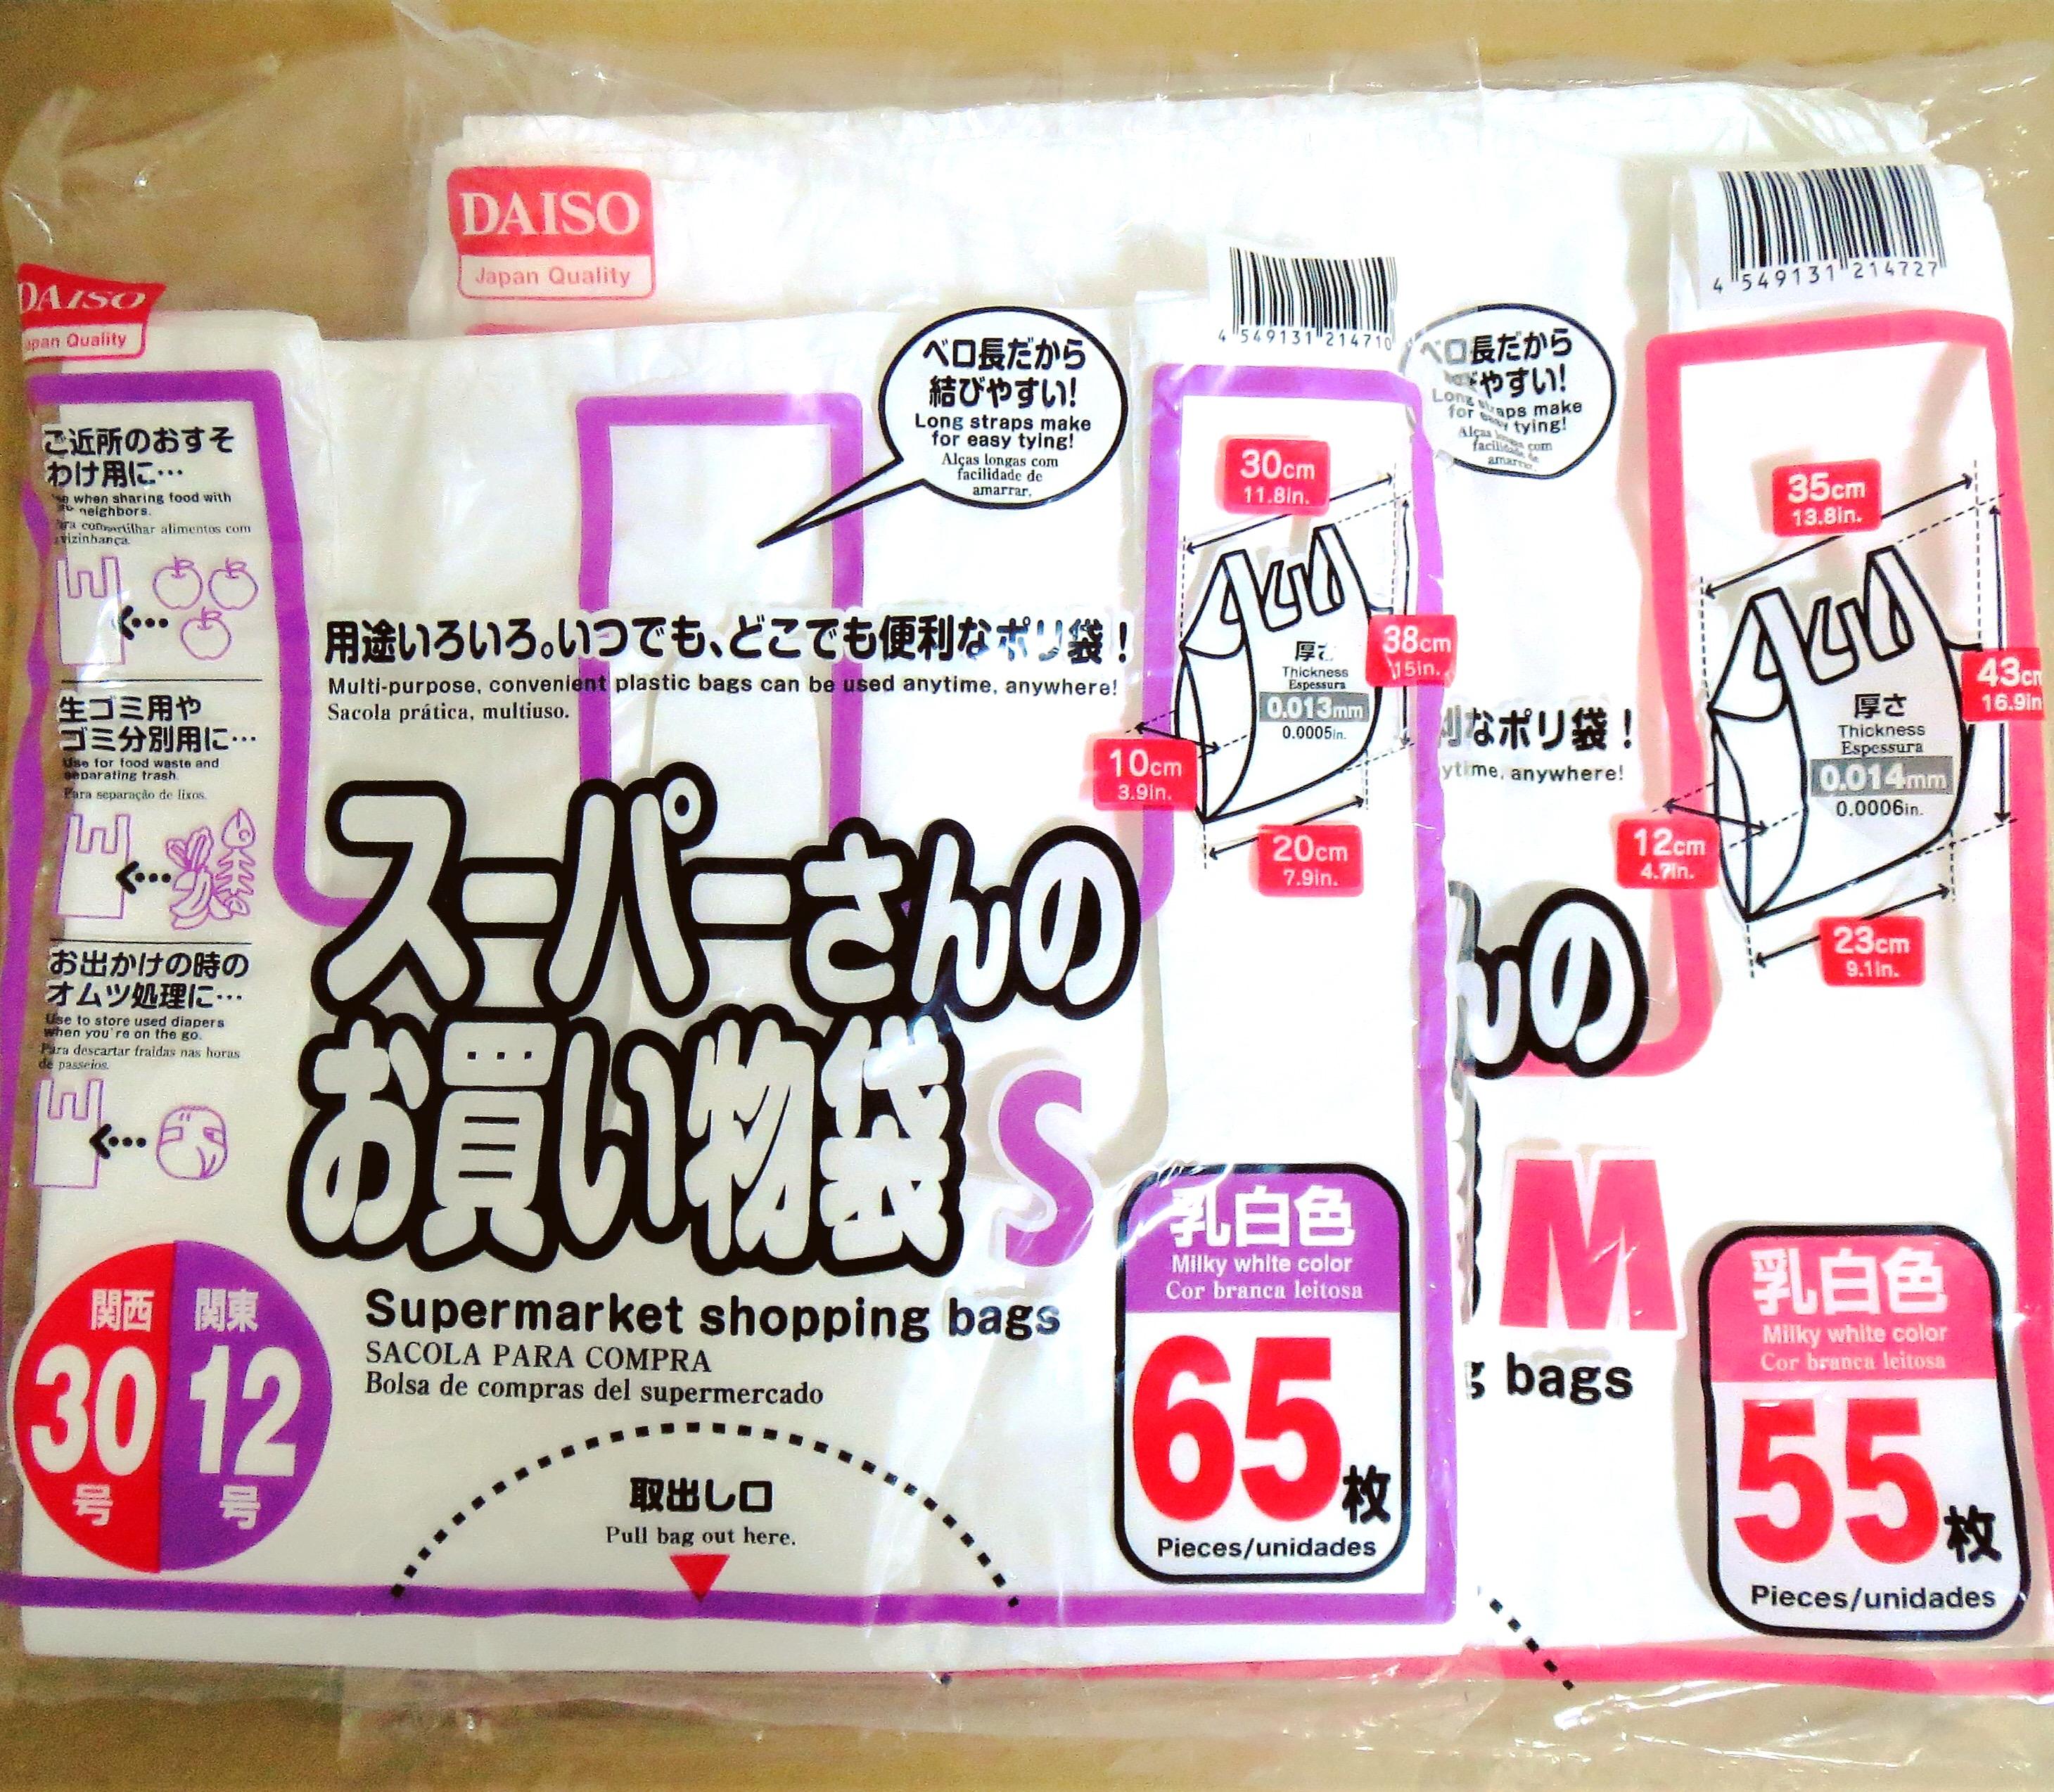 スーパーさんのお買い物袋(ダイソー)